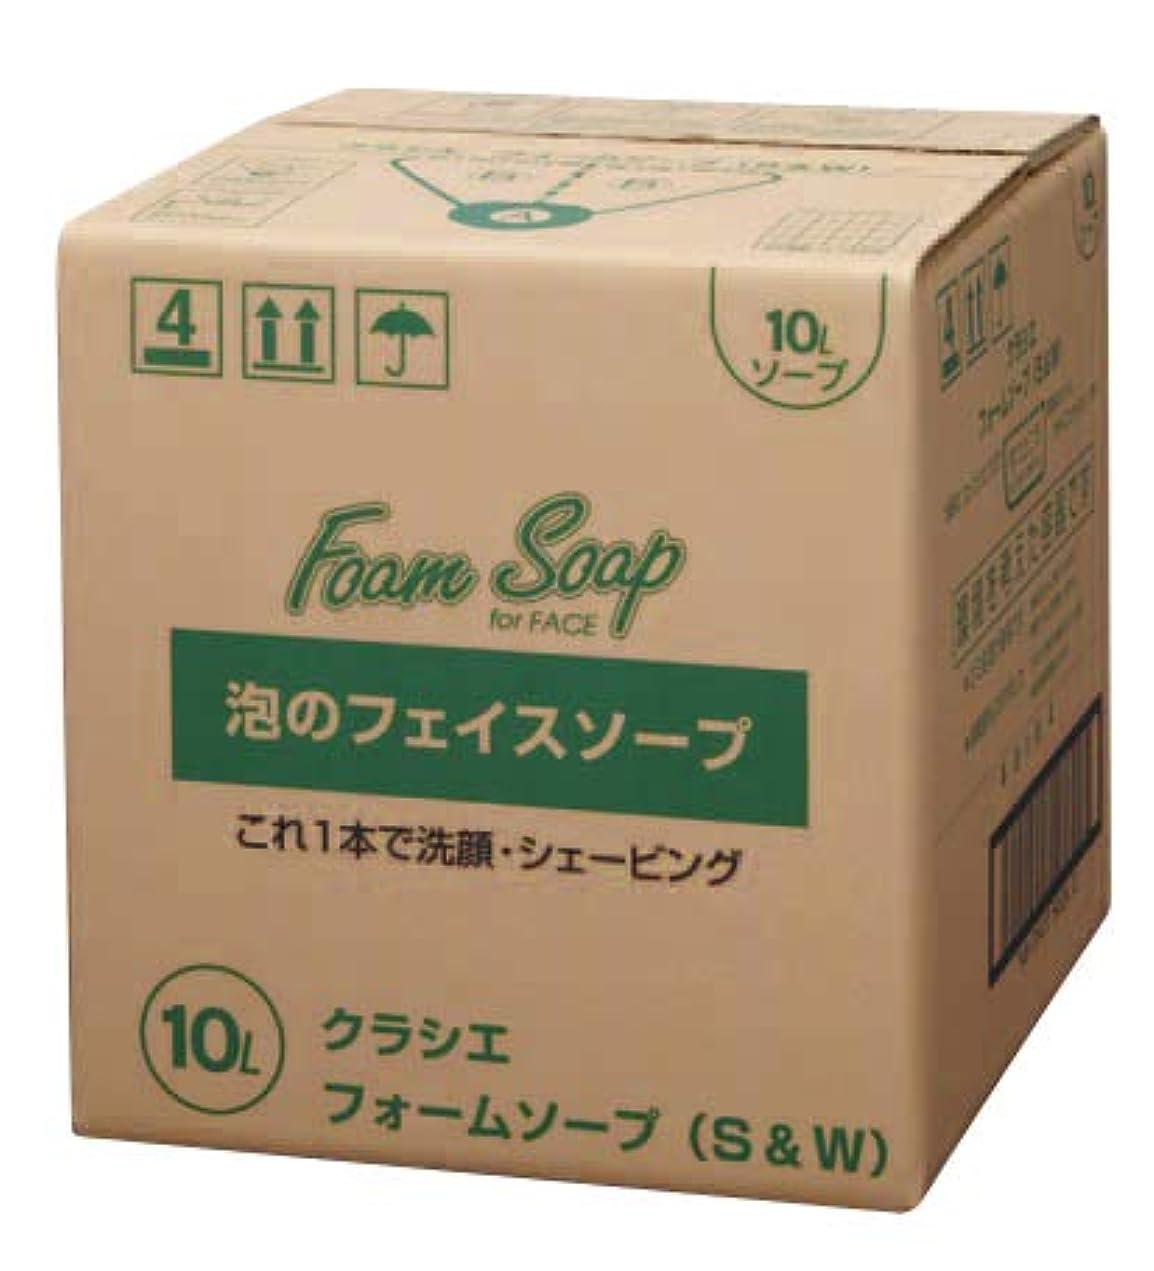 肥料細部水kracie クラシエ フォームソープ S&W 10L 詰替え 空容器付